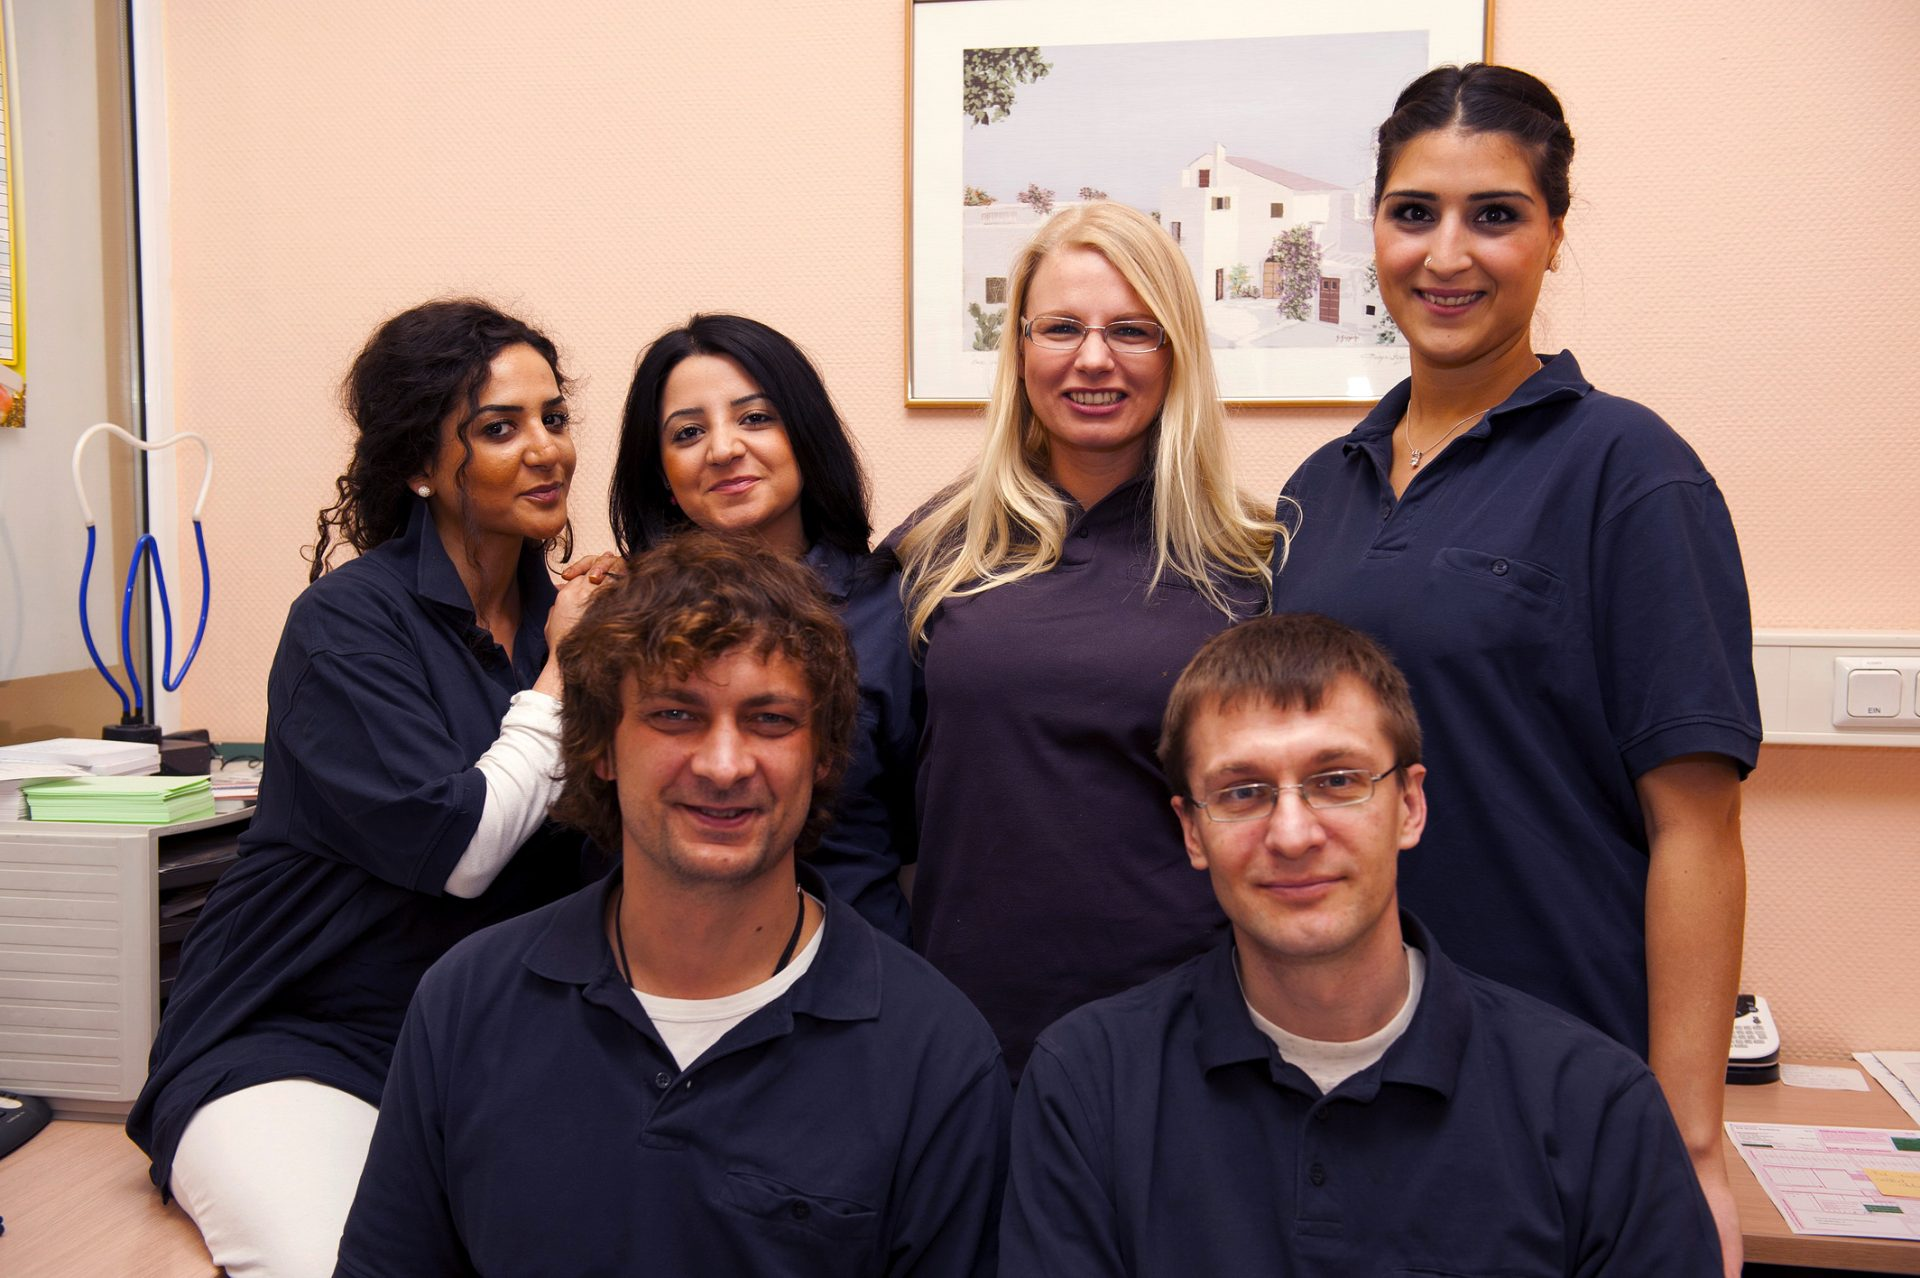 Berliner Praxisteam von Dr. Popovici